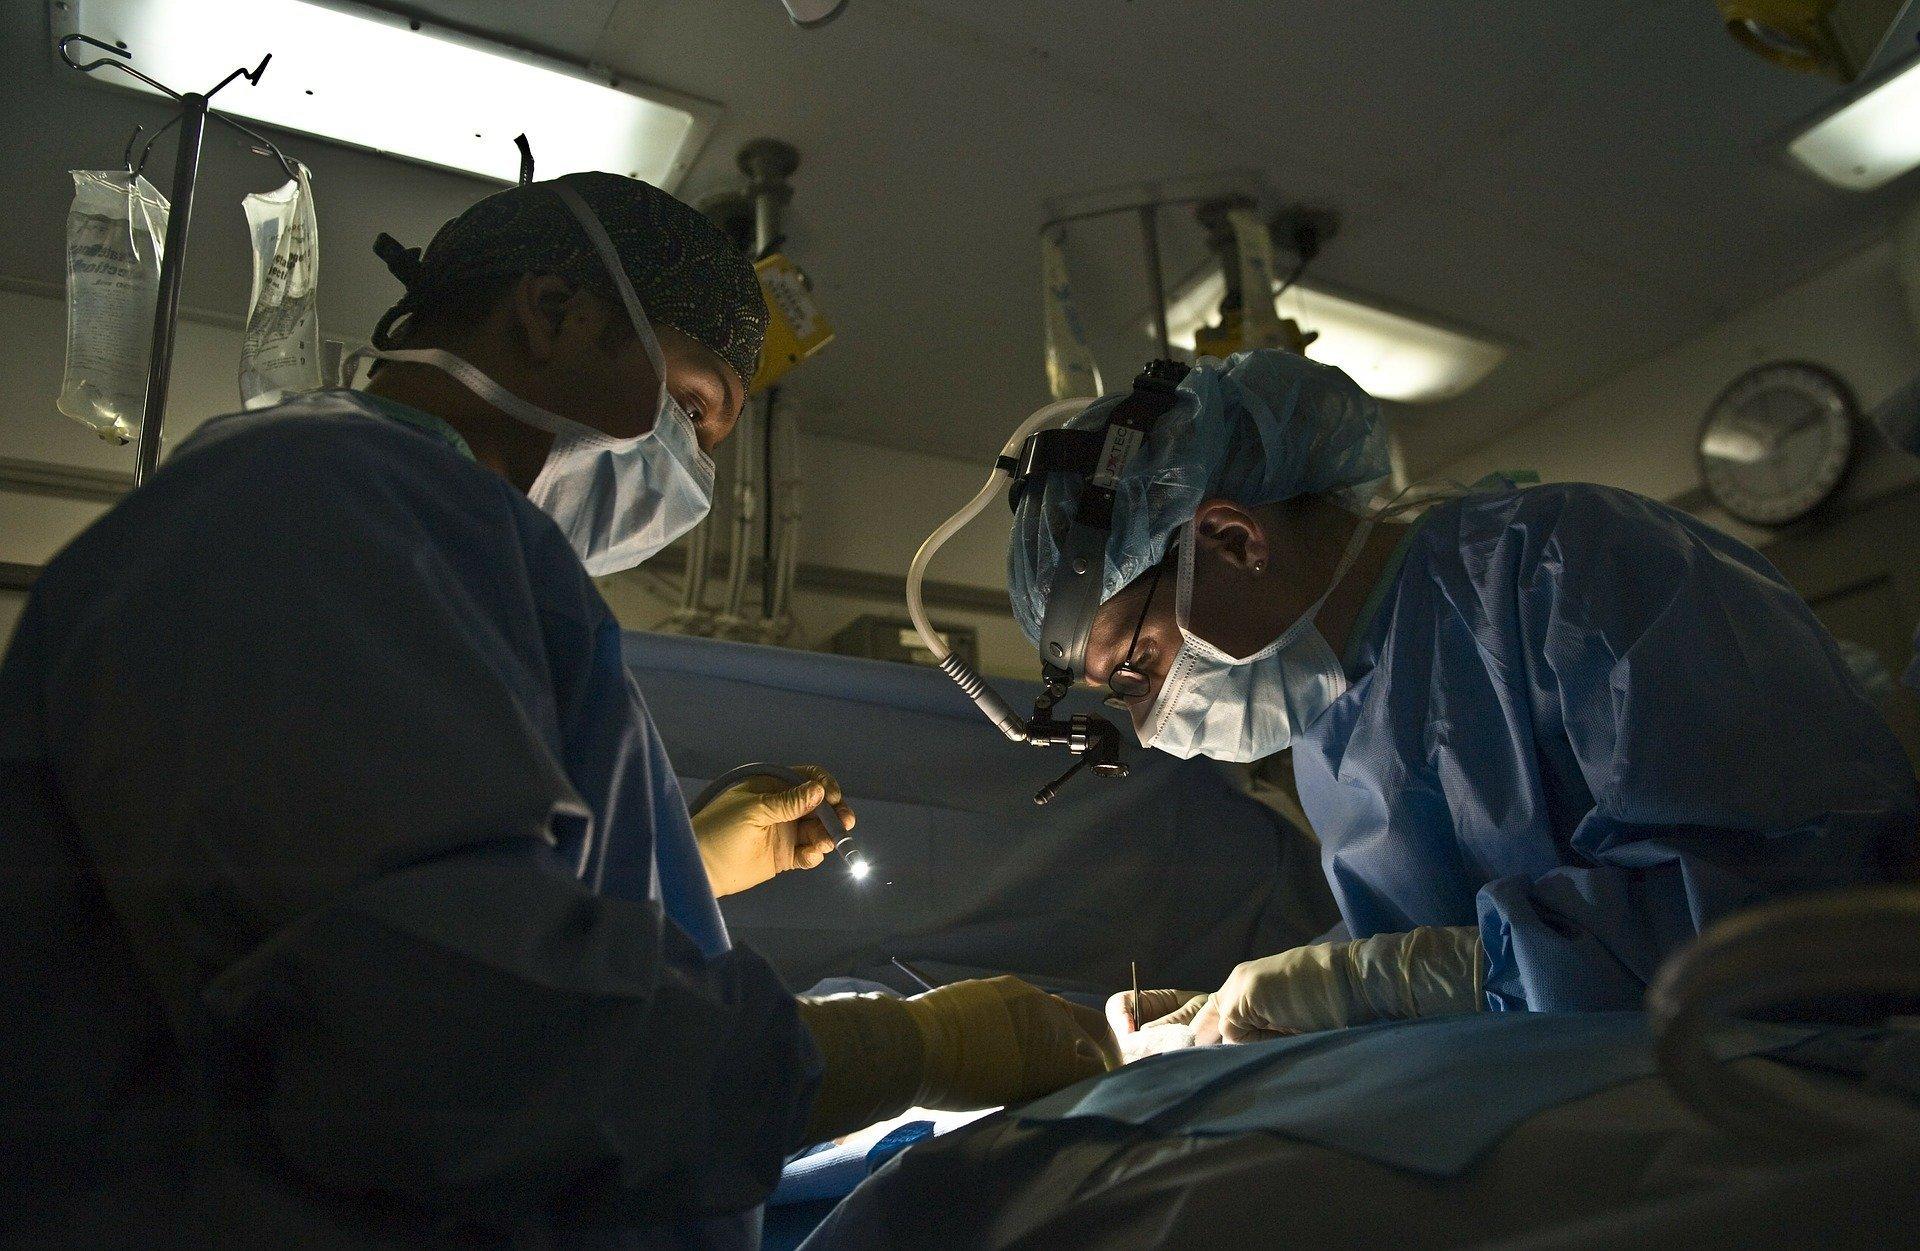 doctor 79579 1920.jpg?resize=412,275 - Plan d'urgence du gouvernement : des mesures visant l'hôpital public